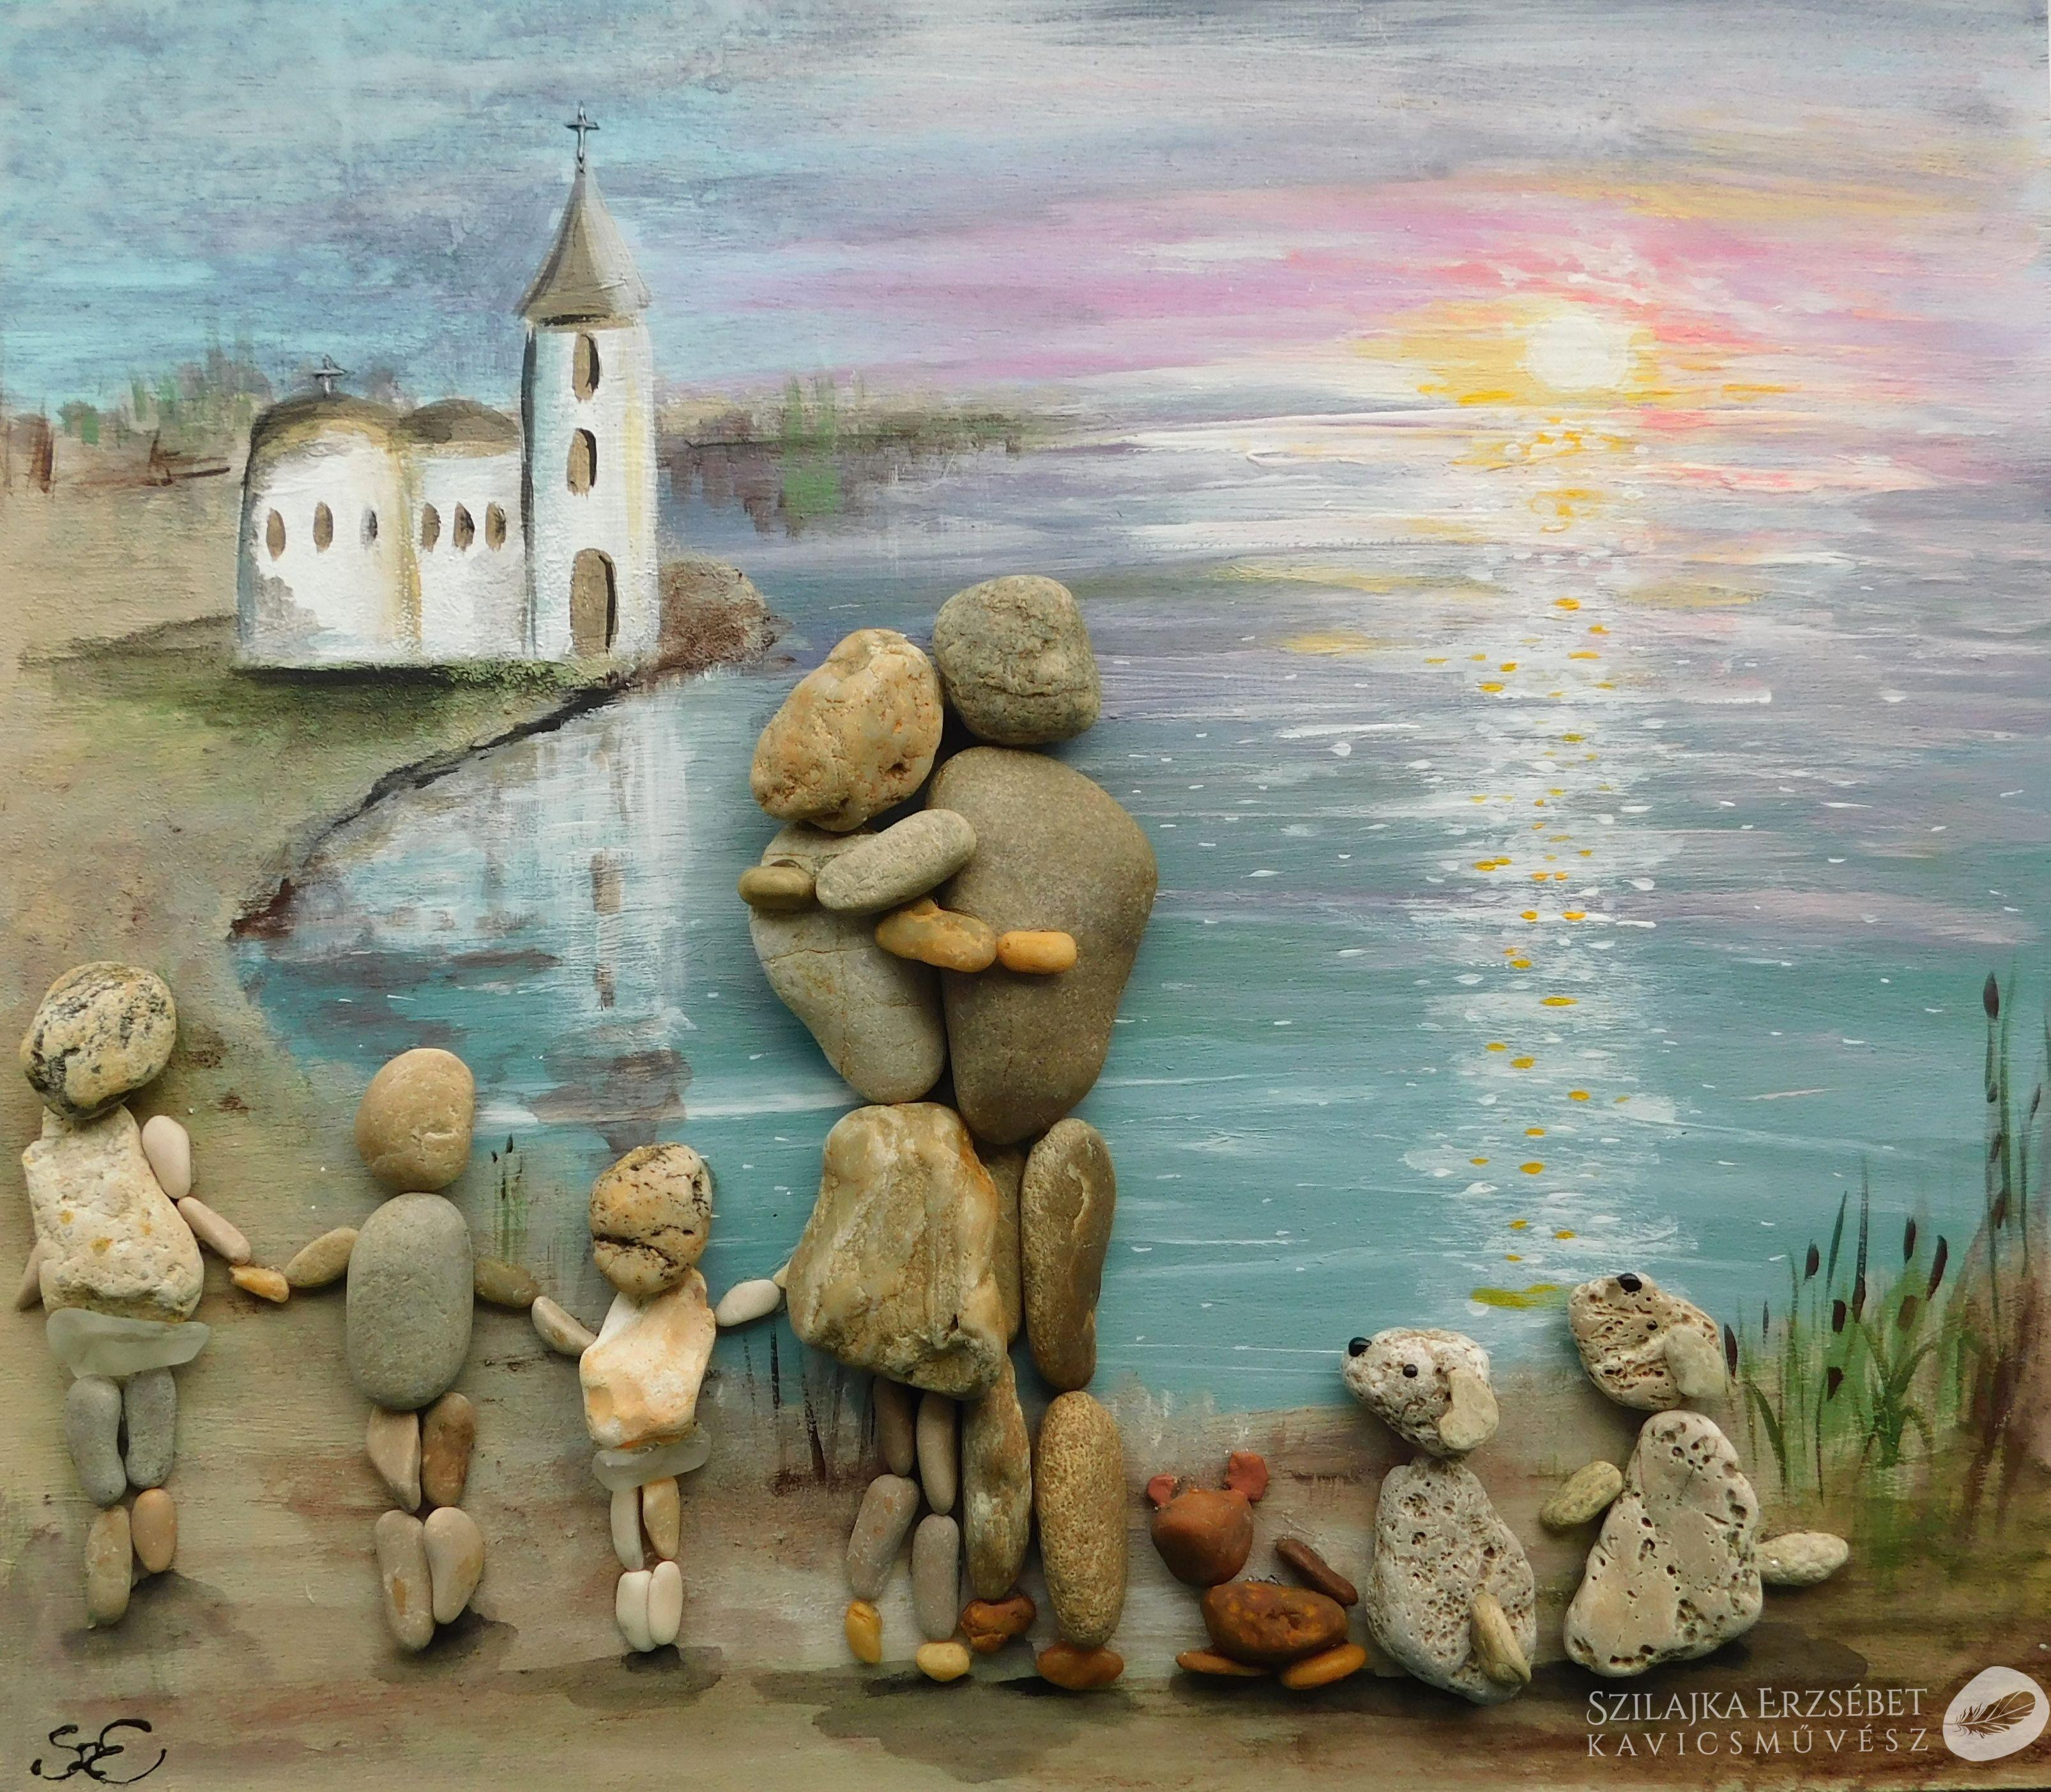 Pittura e scultura Fdd0a61b9d17b4a92ee0028bda0bbf41